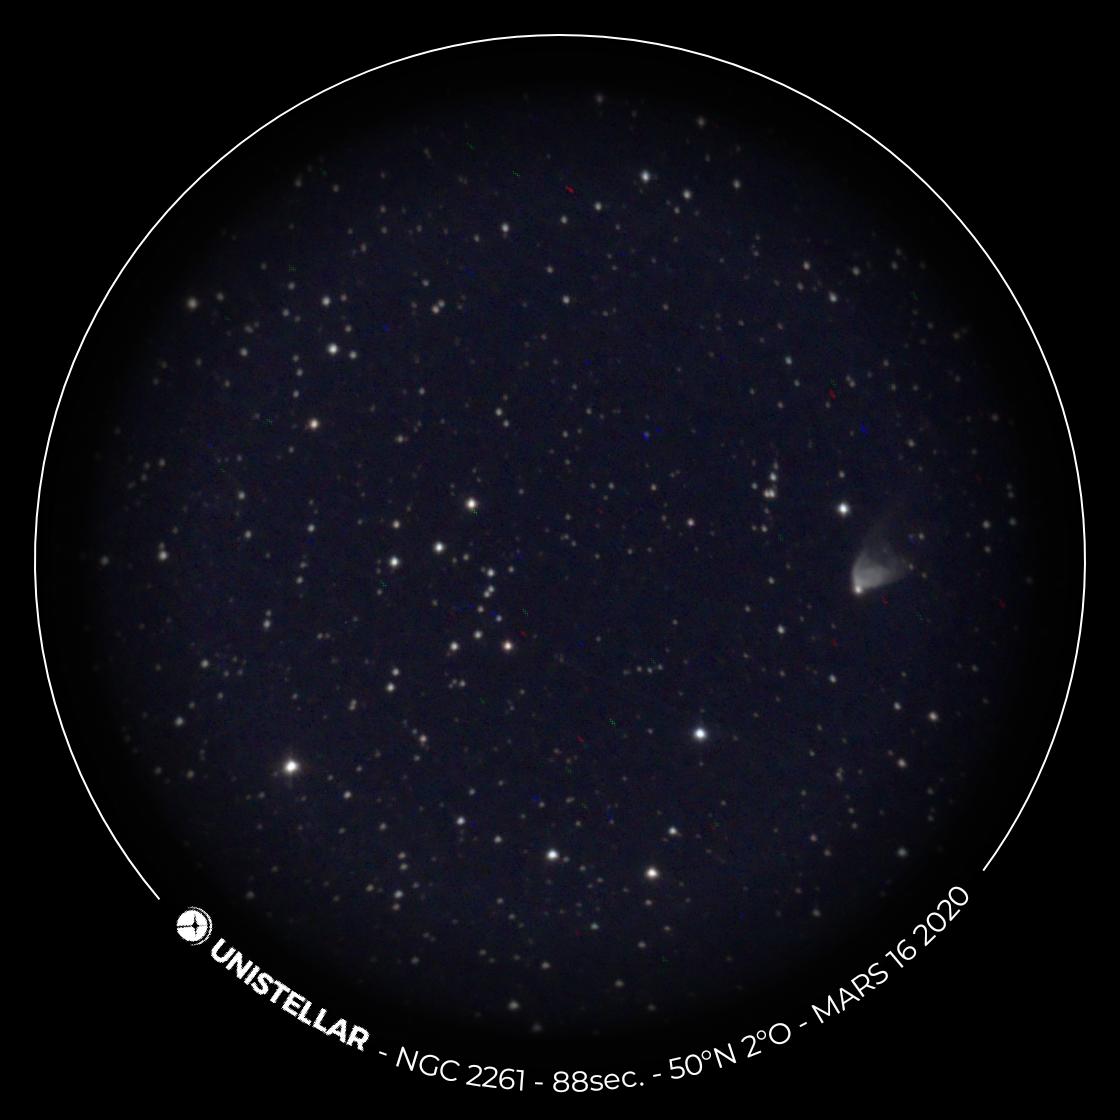 5e7223deb8654_NGC226120200316-212033.png.8a21457fd3a64a4a23afc54dcadbd574.png